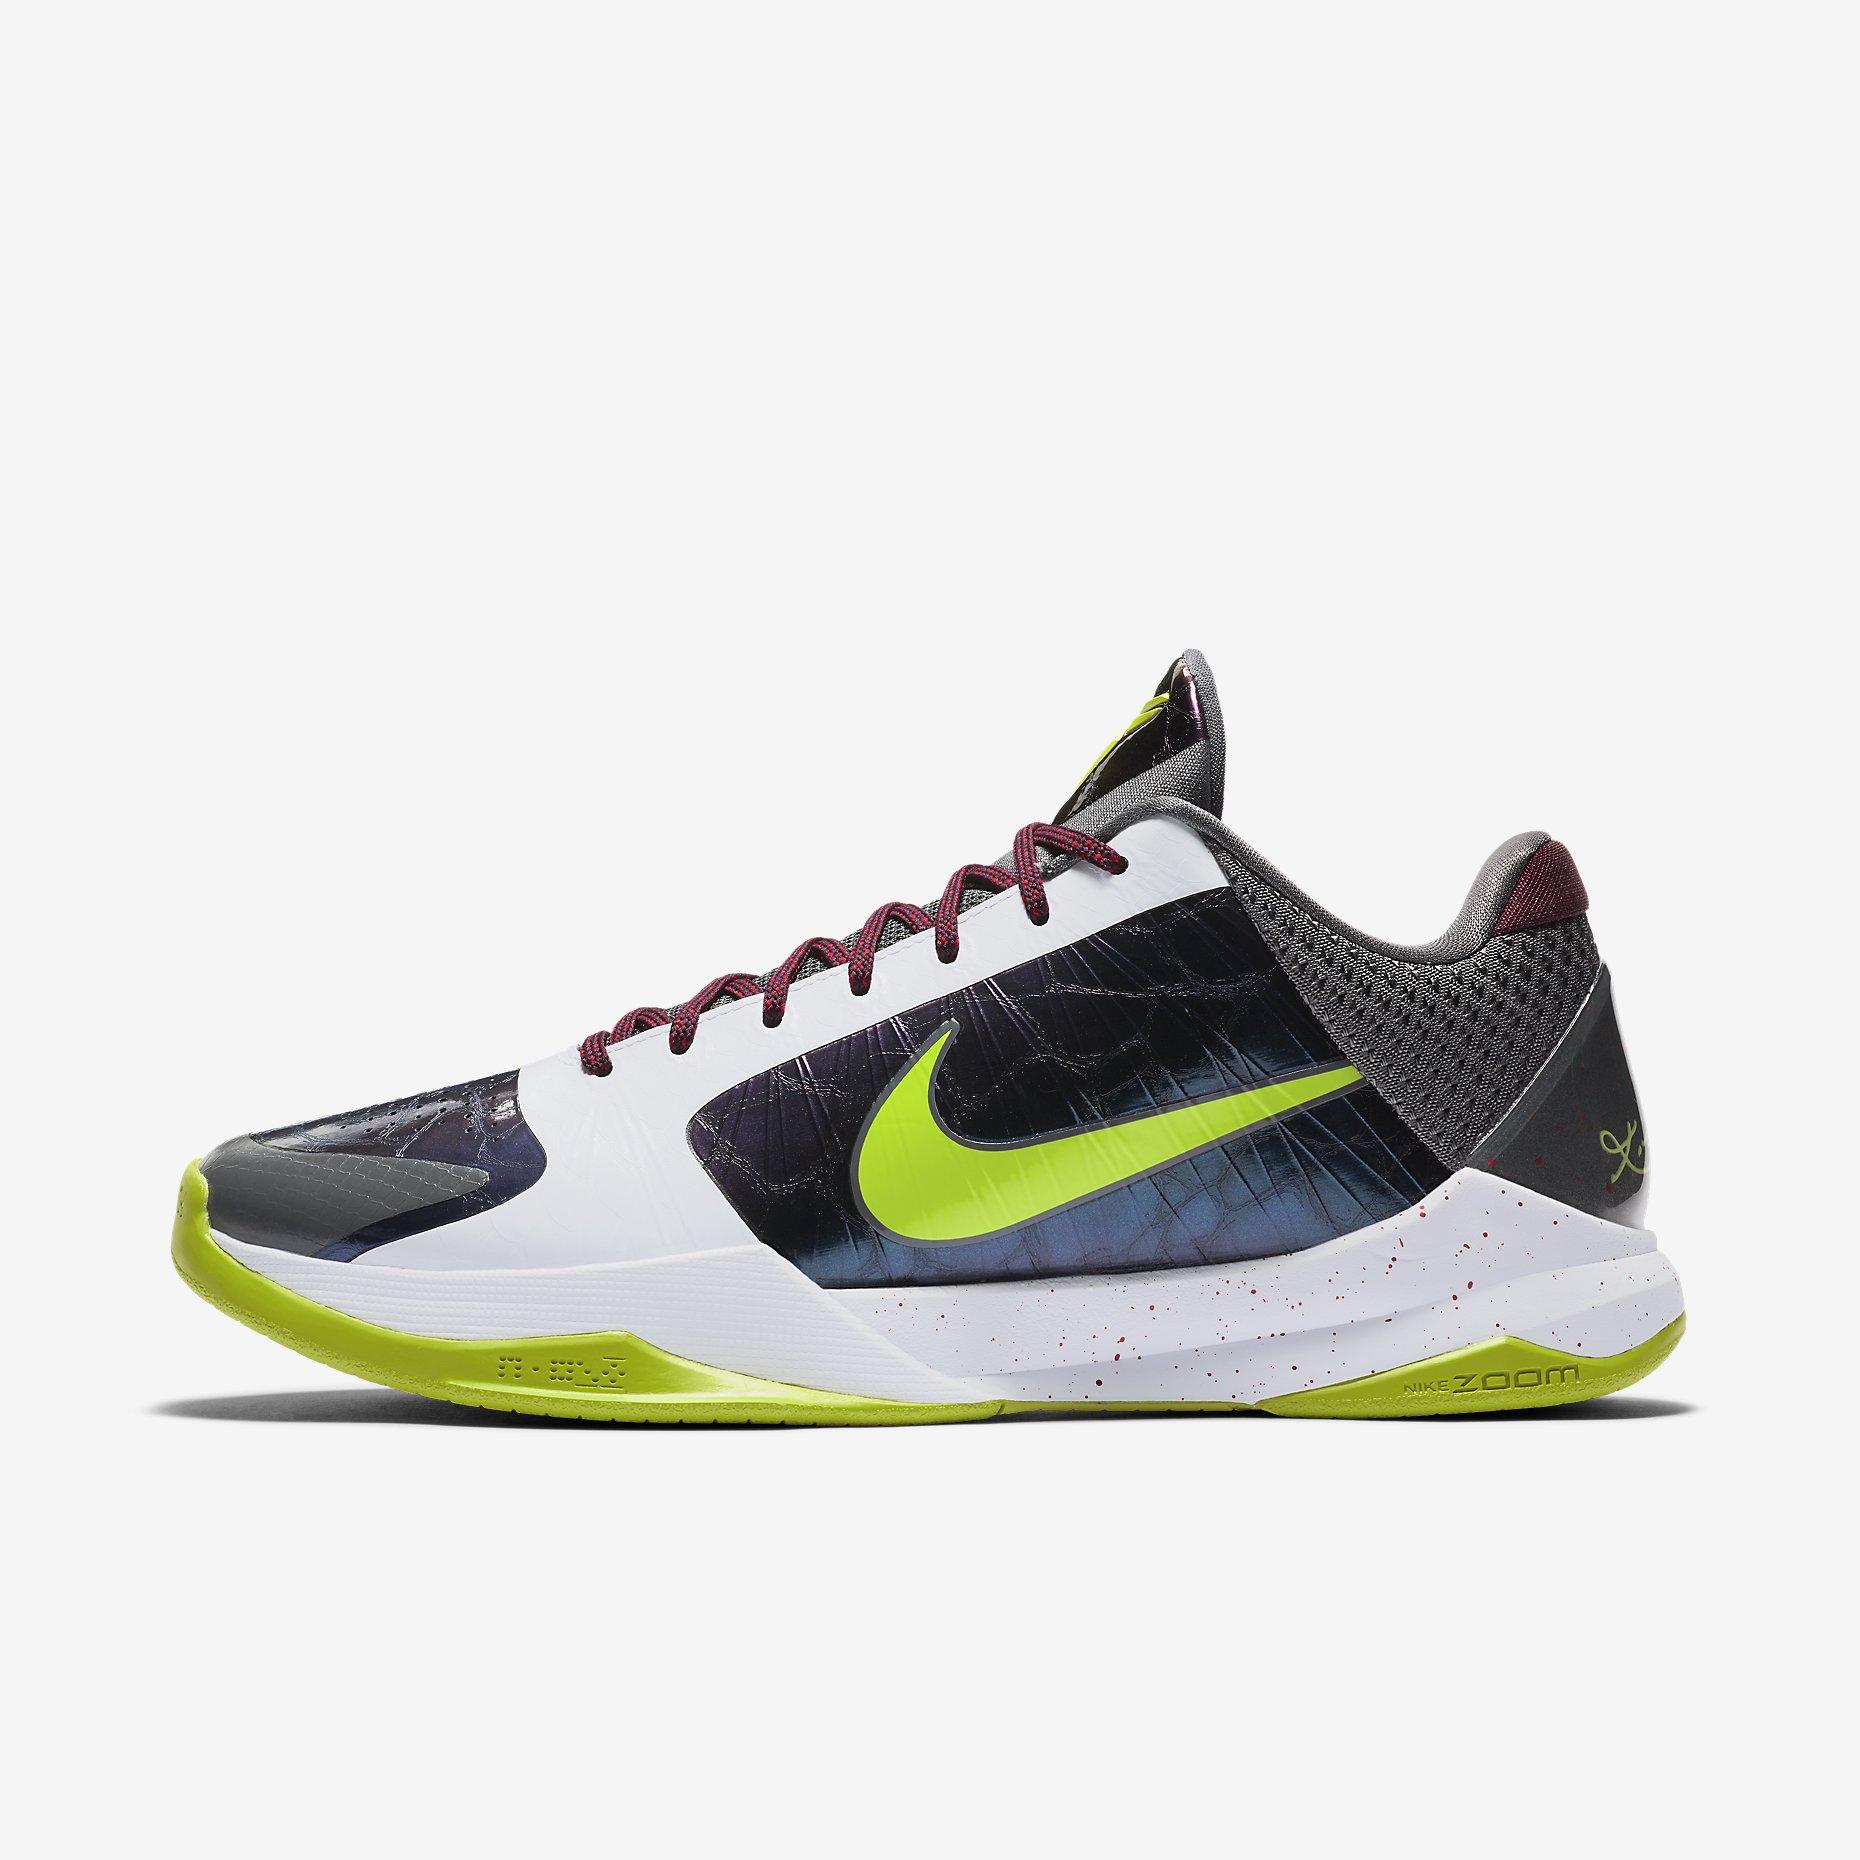 Nike Kobe 5 Protro 'Chaos'}